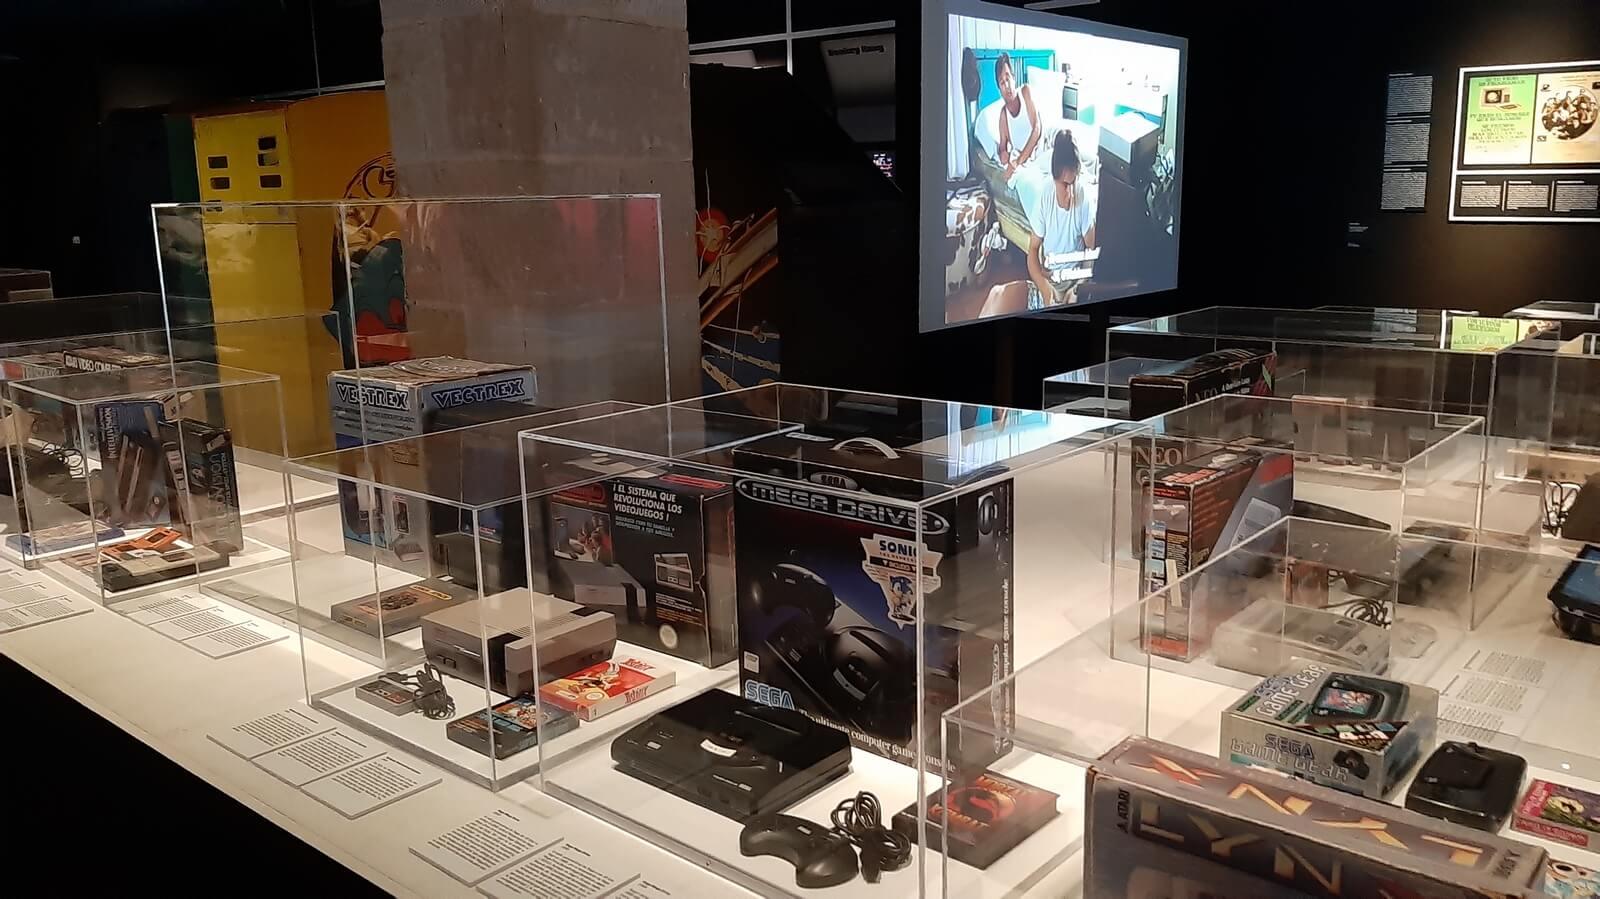 Antiguas consolas de juego en la Exhibición GamePlay en el CCCB de Barcelona